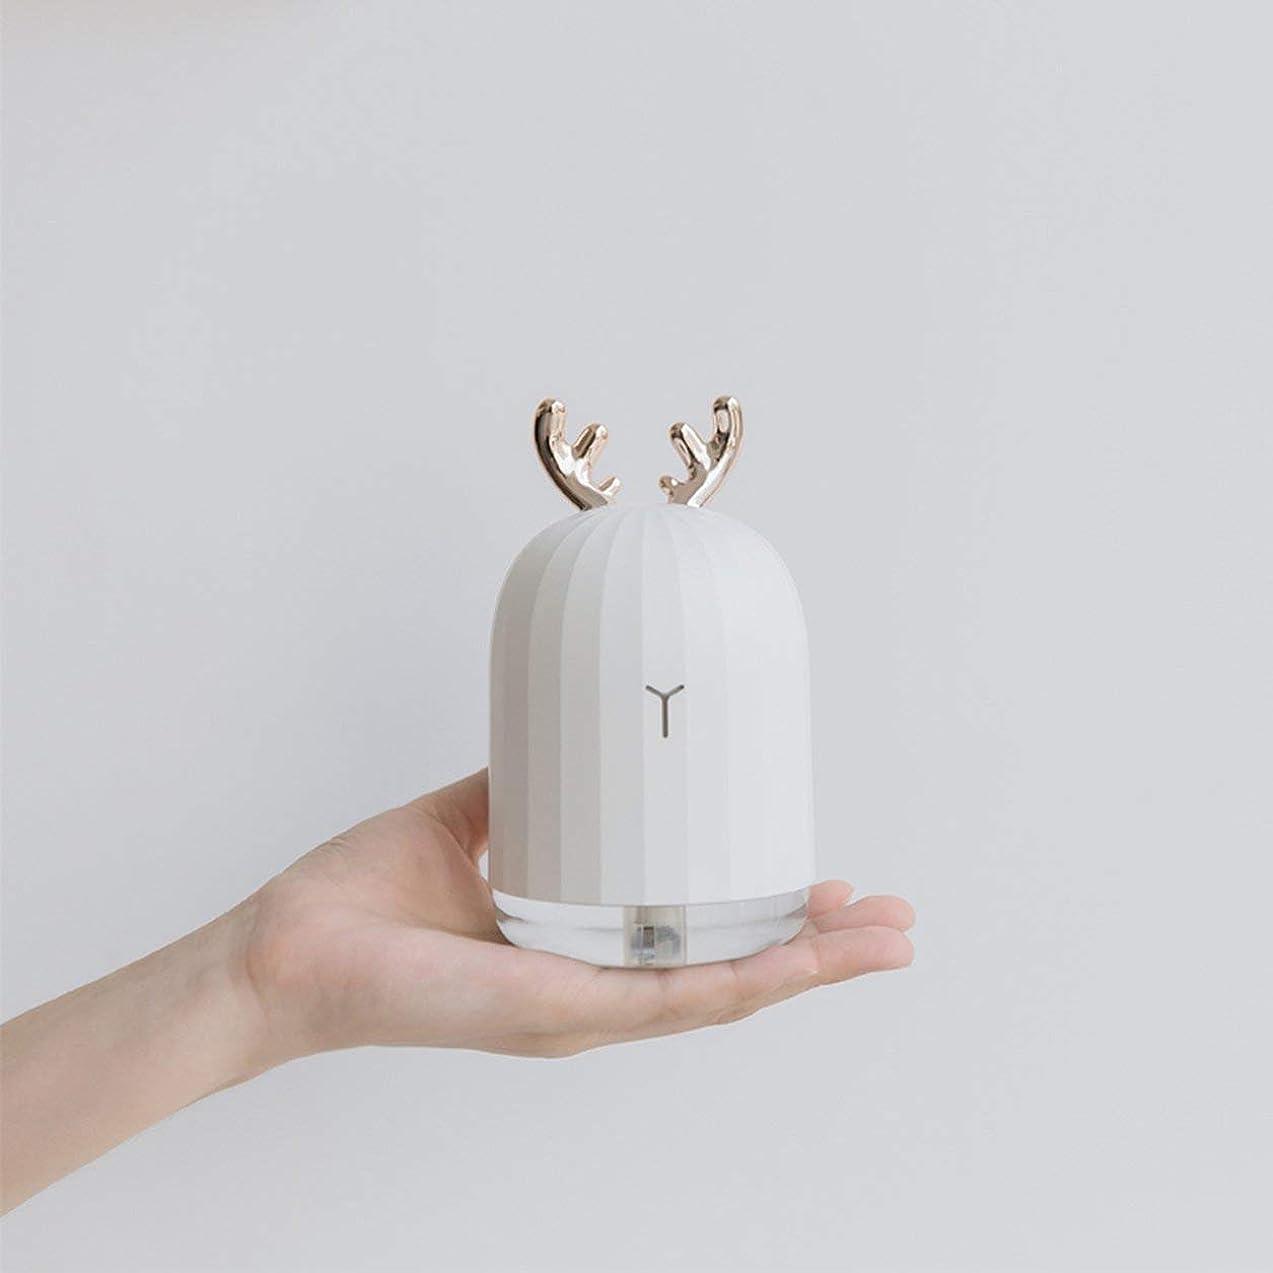 説得力のある白鳥キルスSaikogoods LEDナイトライトとラベンダーの空気超音波加湿エッセンシャルオイルディフューザーアトマイザーエアフレッシュナーミストメーカー 鹿